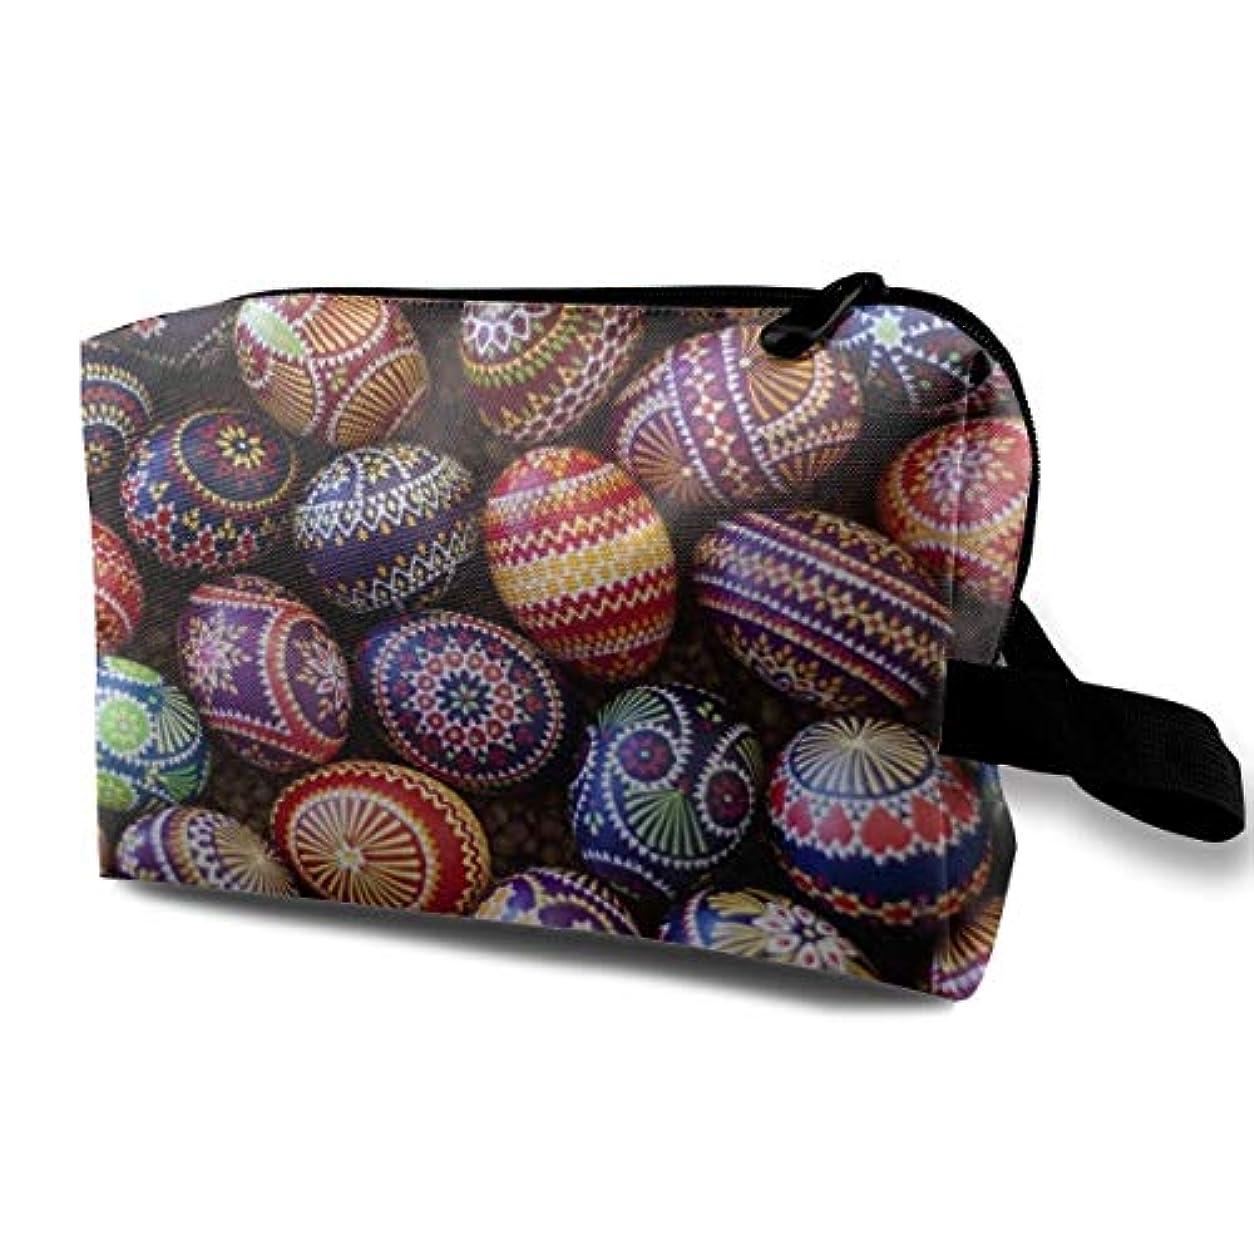 メタン海外で銀Germany Easter Eggs 収納ポーチ 化粧ポーチ 大容量 軽量 耐久性 ハンドル付持ち運び便利。入れ 自宅・出張・旅行・アウトドア撮影などに対応。メンズ レディース トラベルグッズ